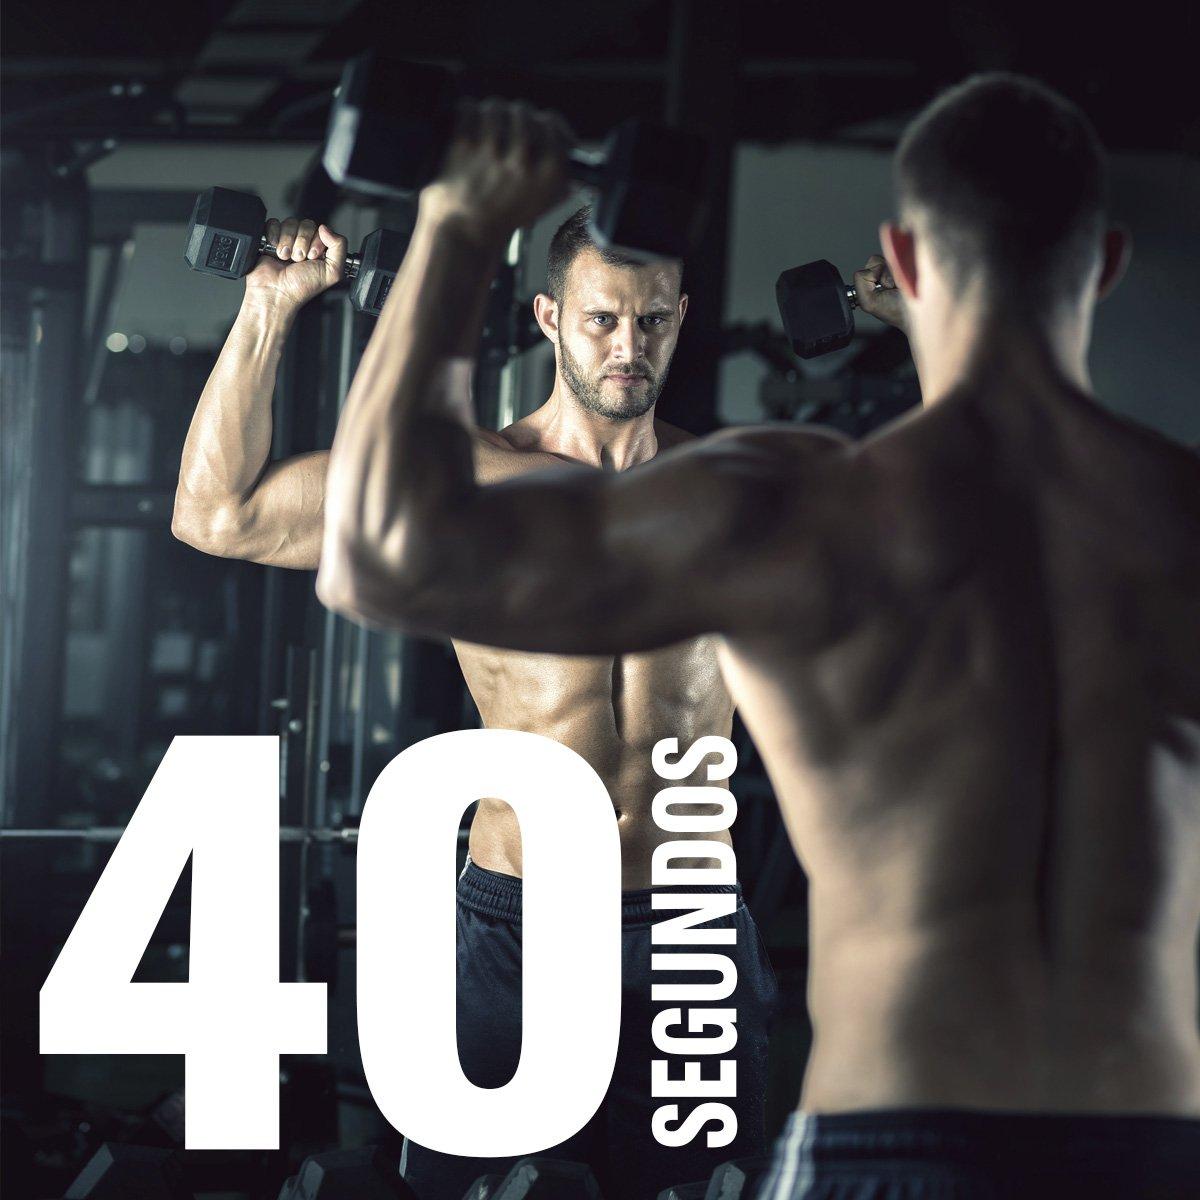 """40"""" es el mínimo que los #músculos deben estar bajo tensión en cada serie si quieres estimular su crecimiento. https://t.co/iX3qdndkIb"""